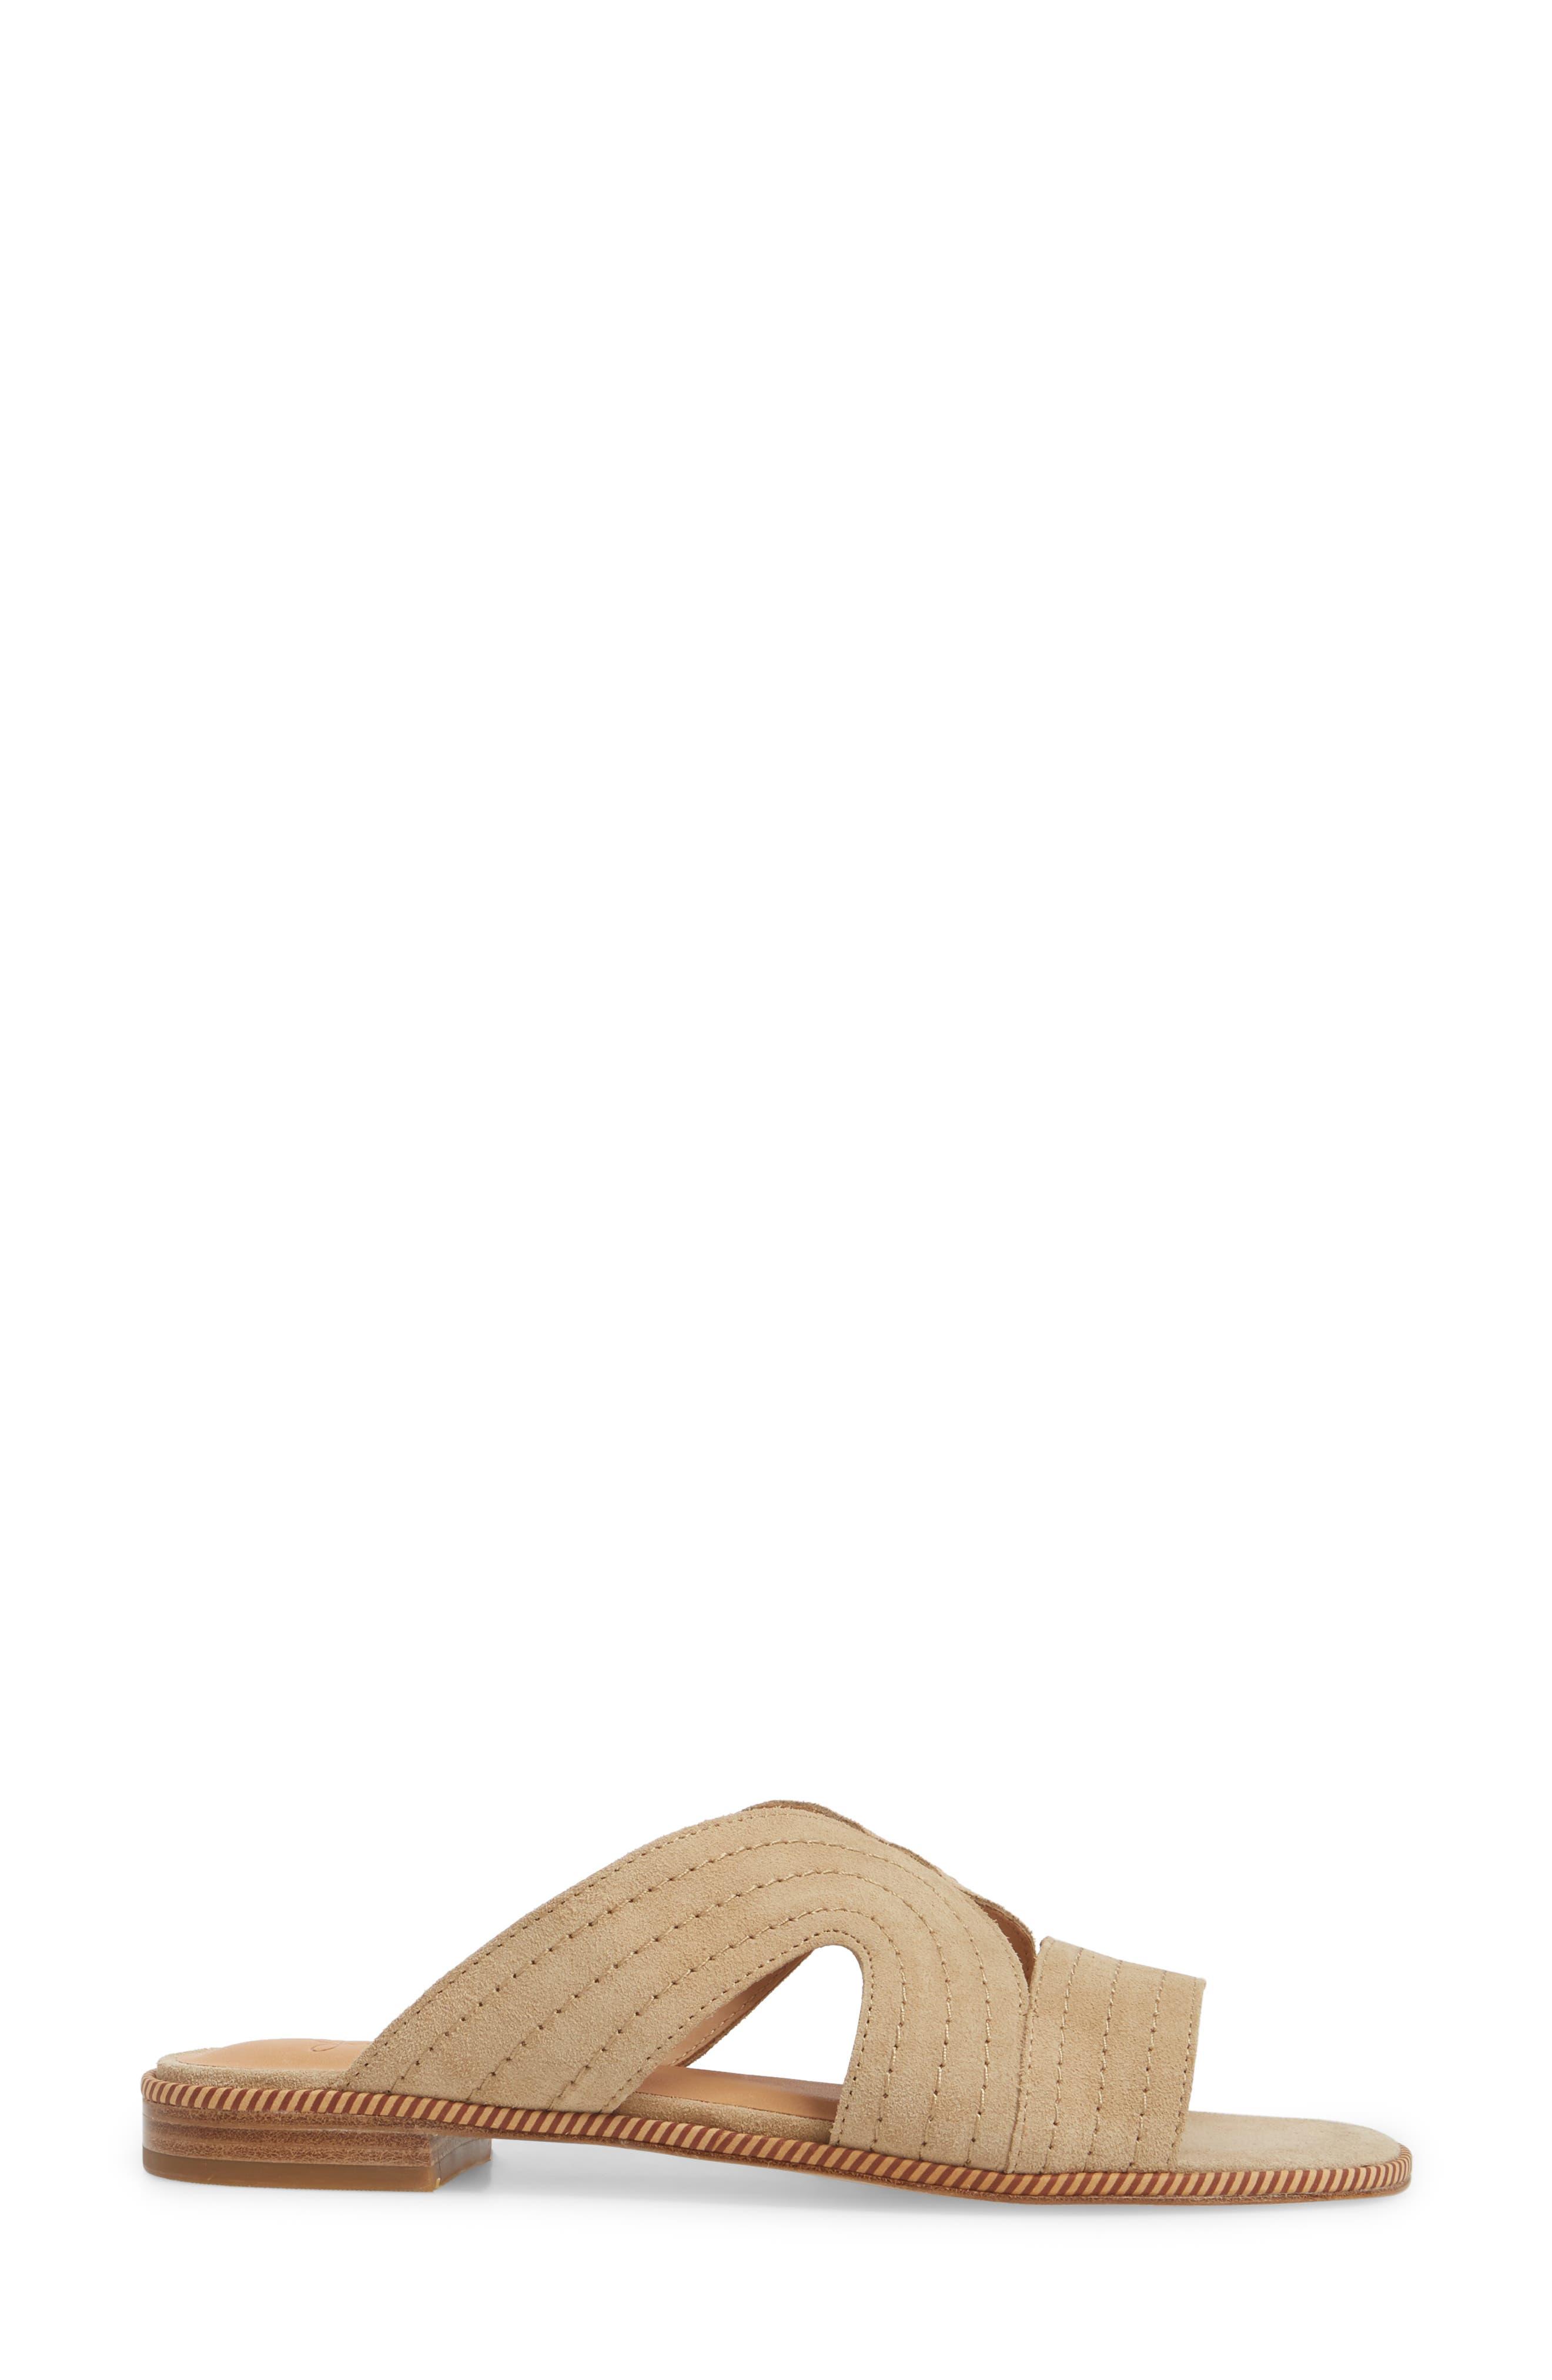 Paetyn Slide Sandal,                             Alternate thumbnail 3, color,                             250